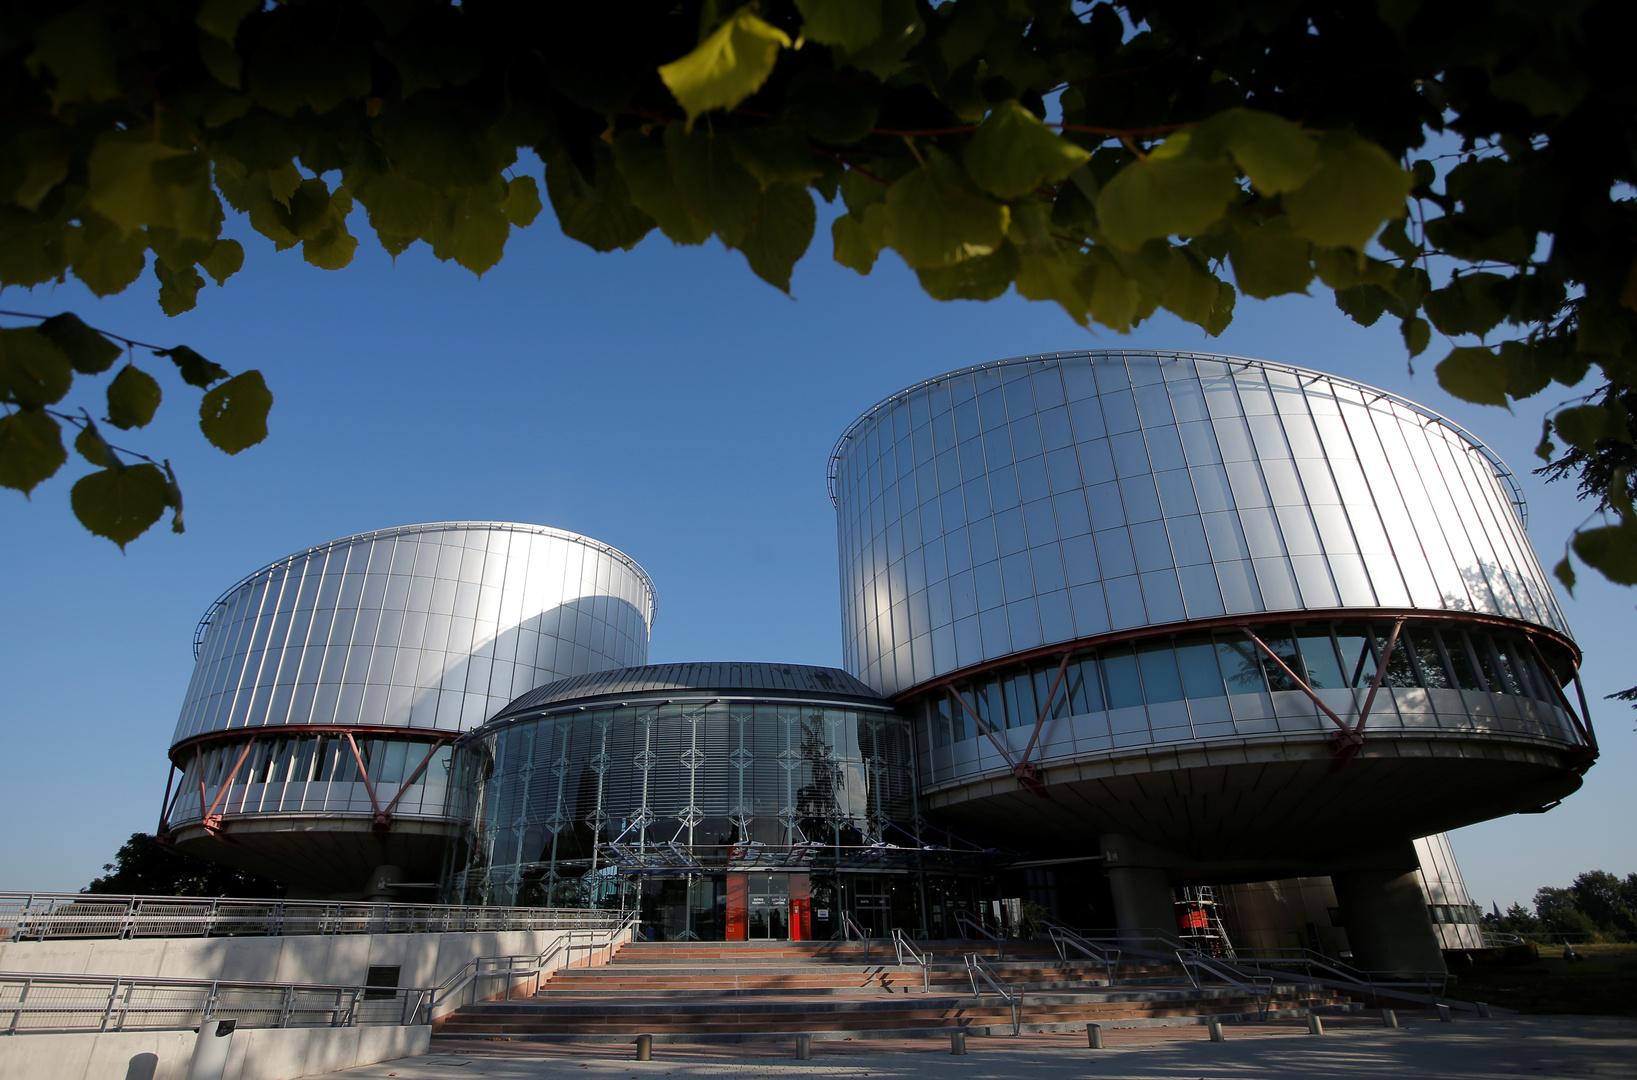 مقر المحكمة الأوروبية لحقوق الإنسان في ستراسبورغ.